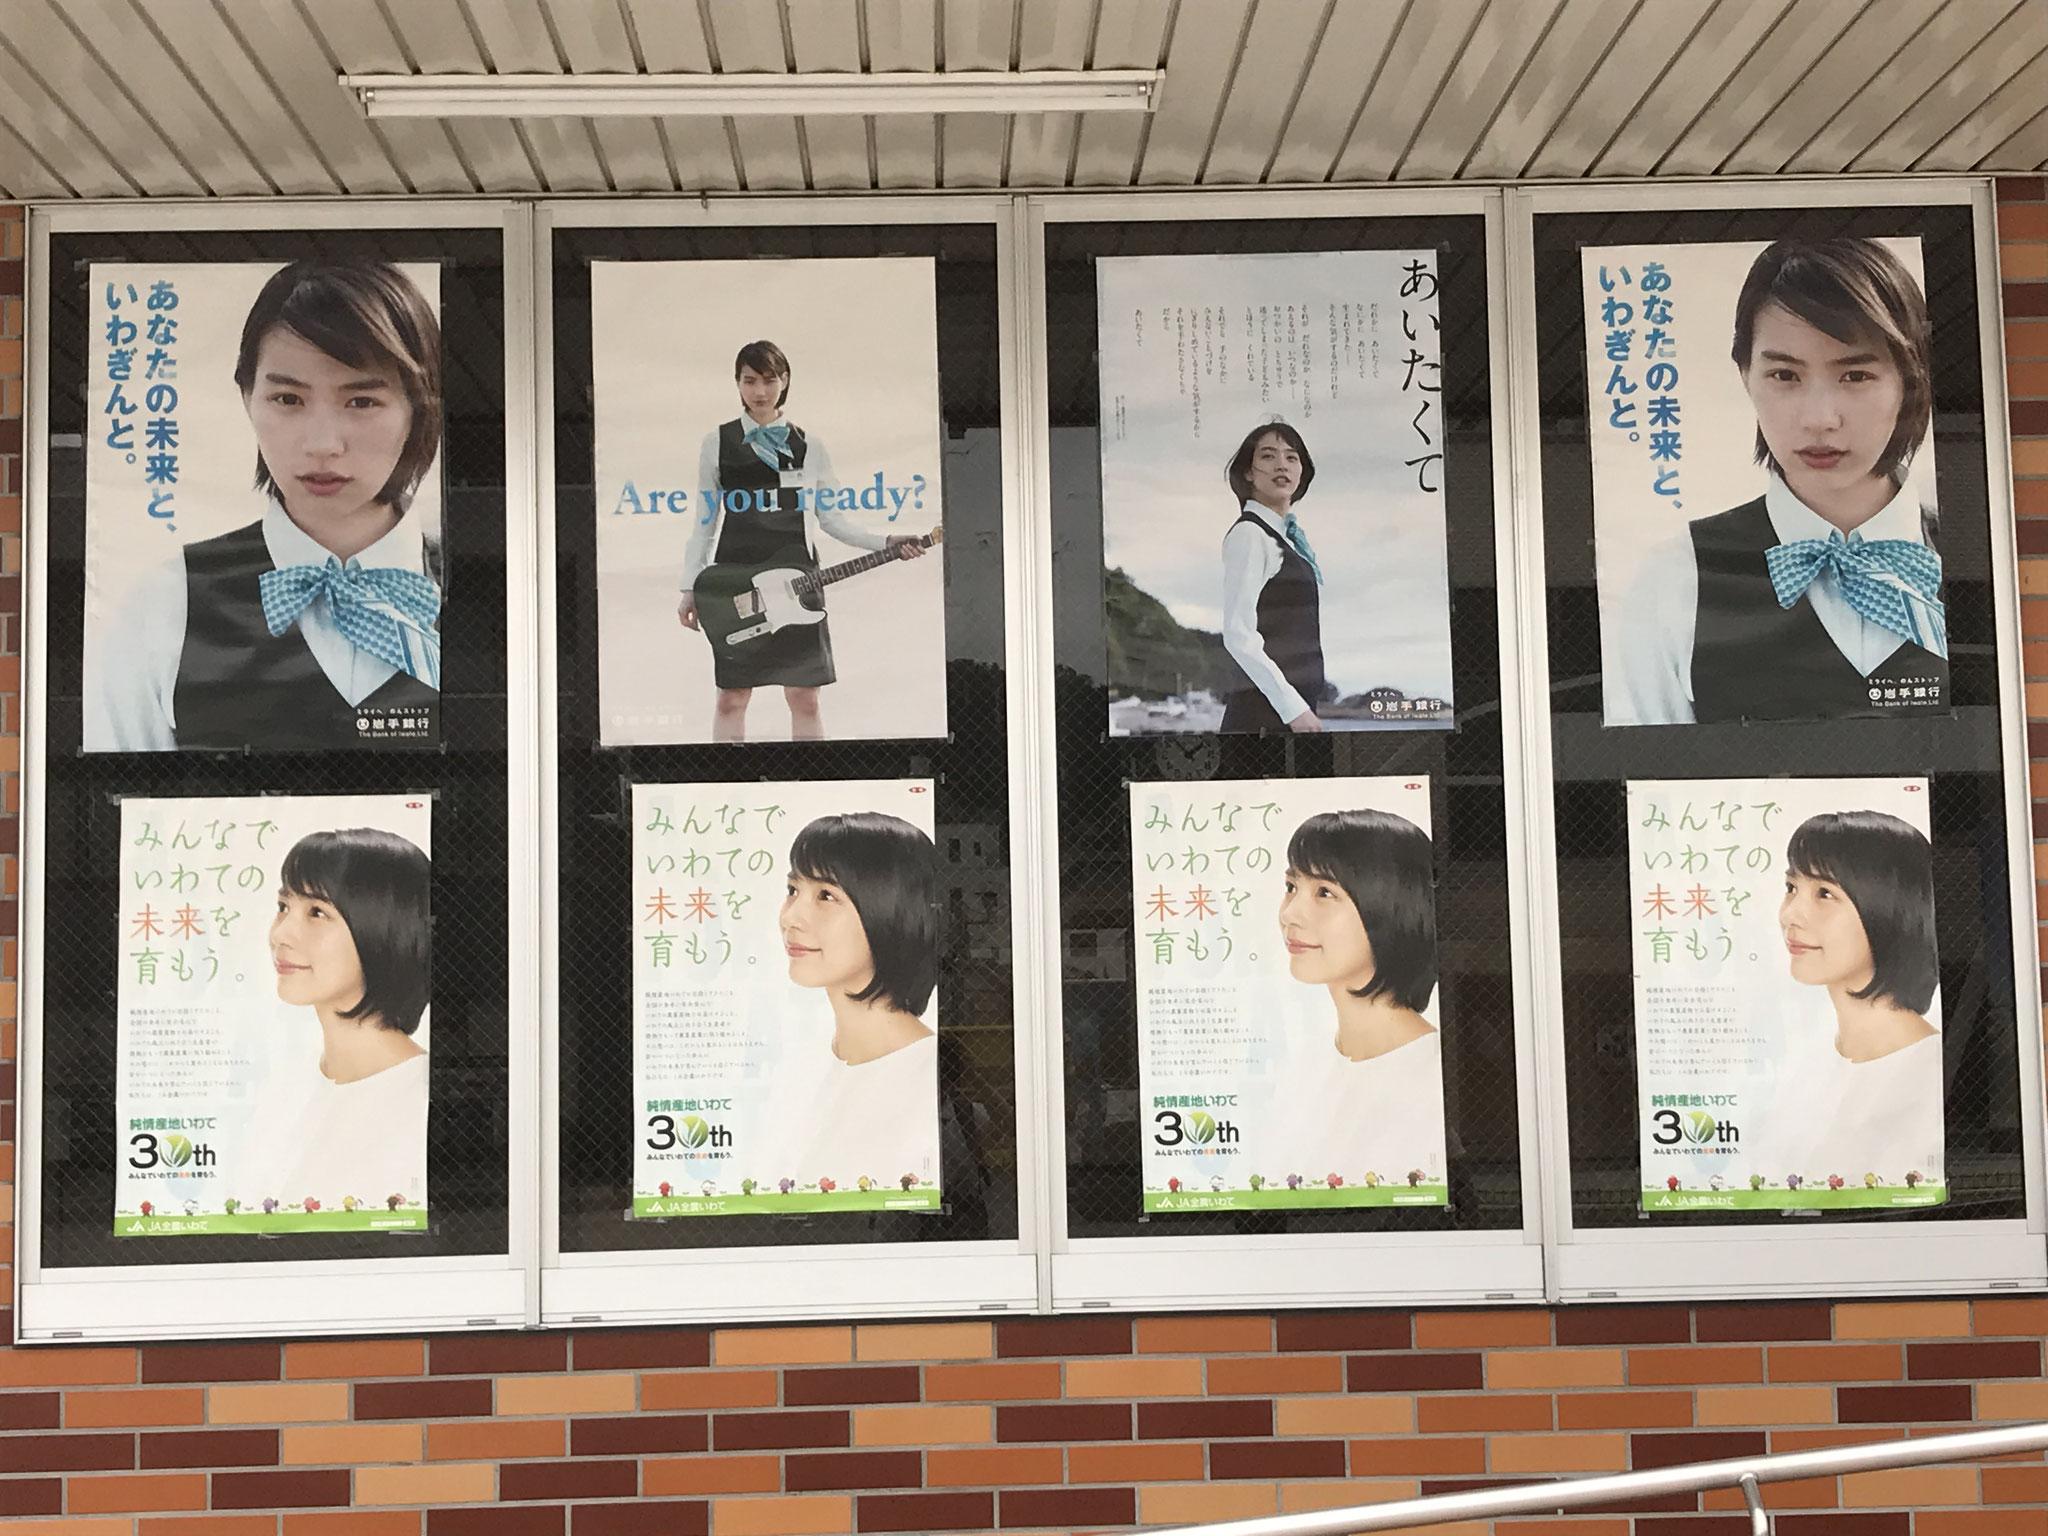 のん(能年玲奈)のポスターが飾られていた